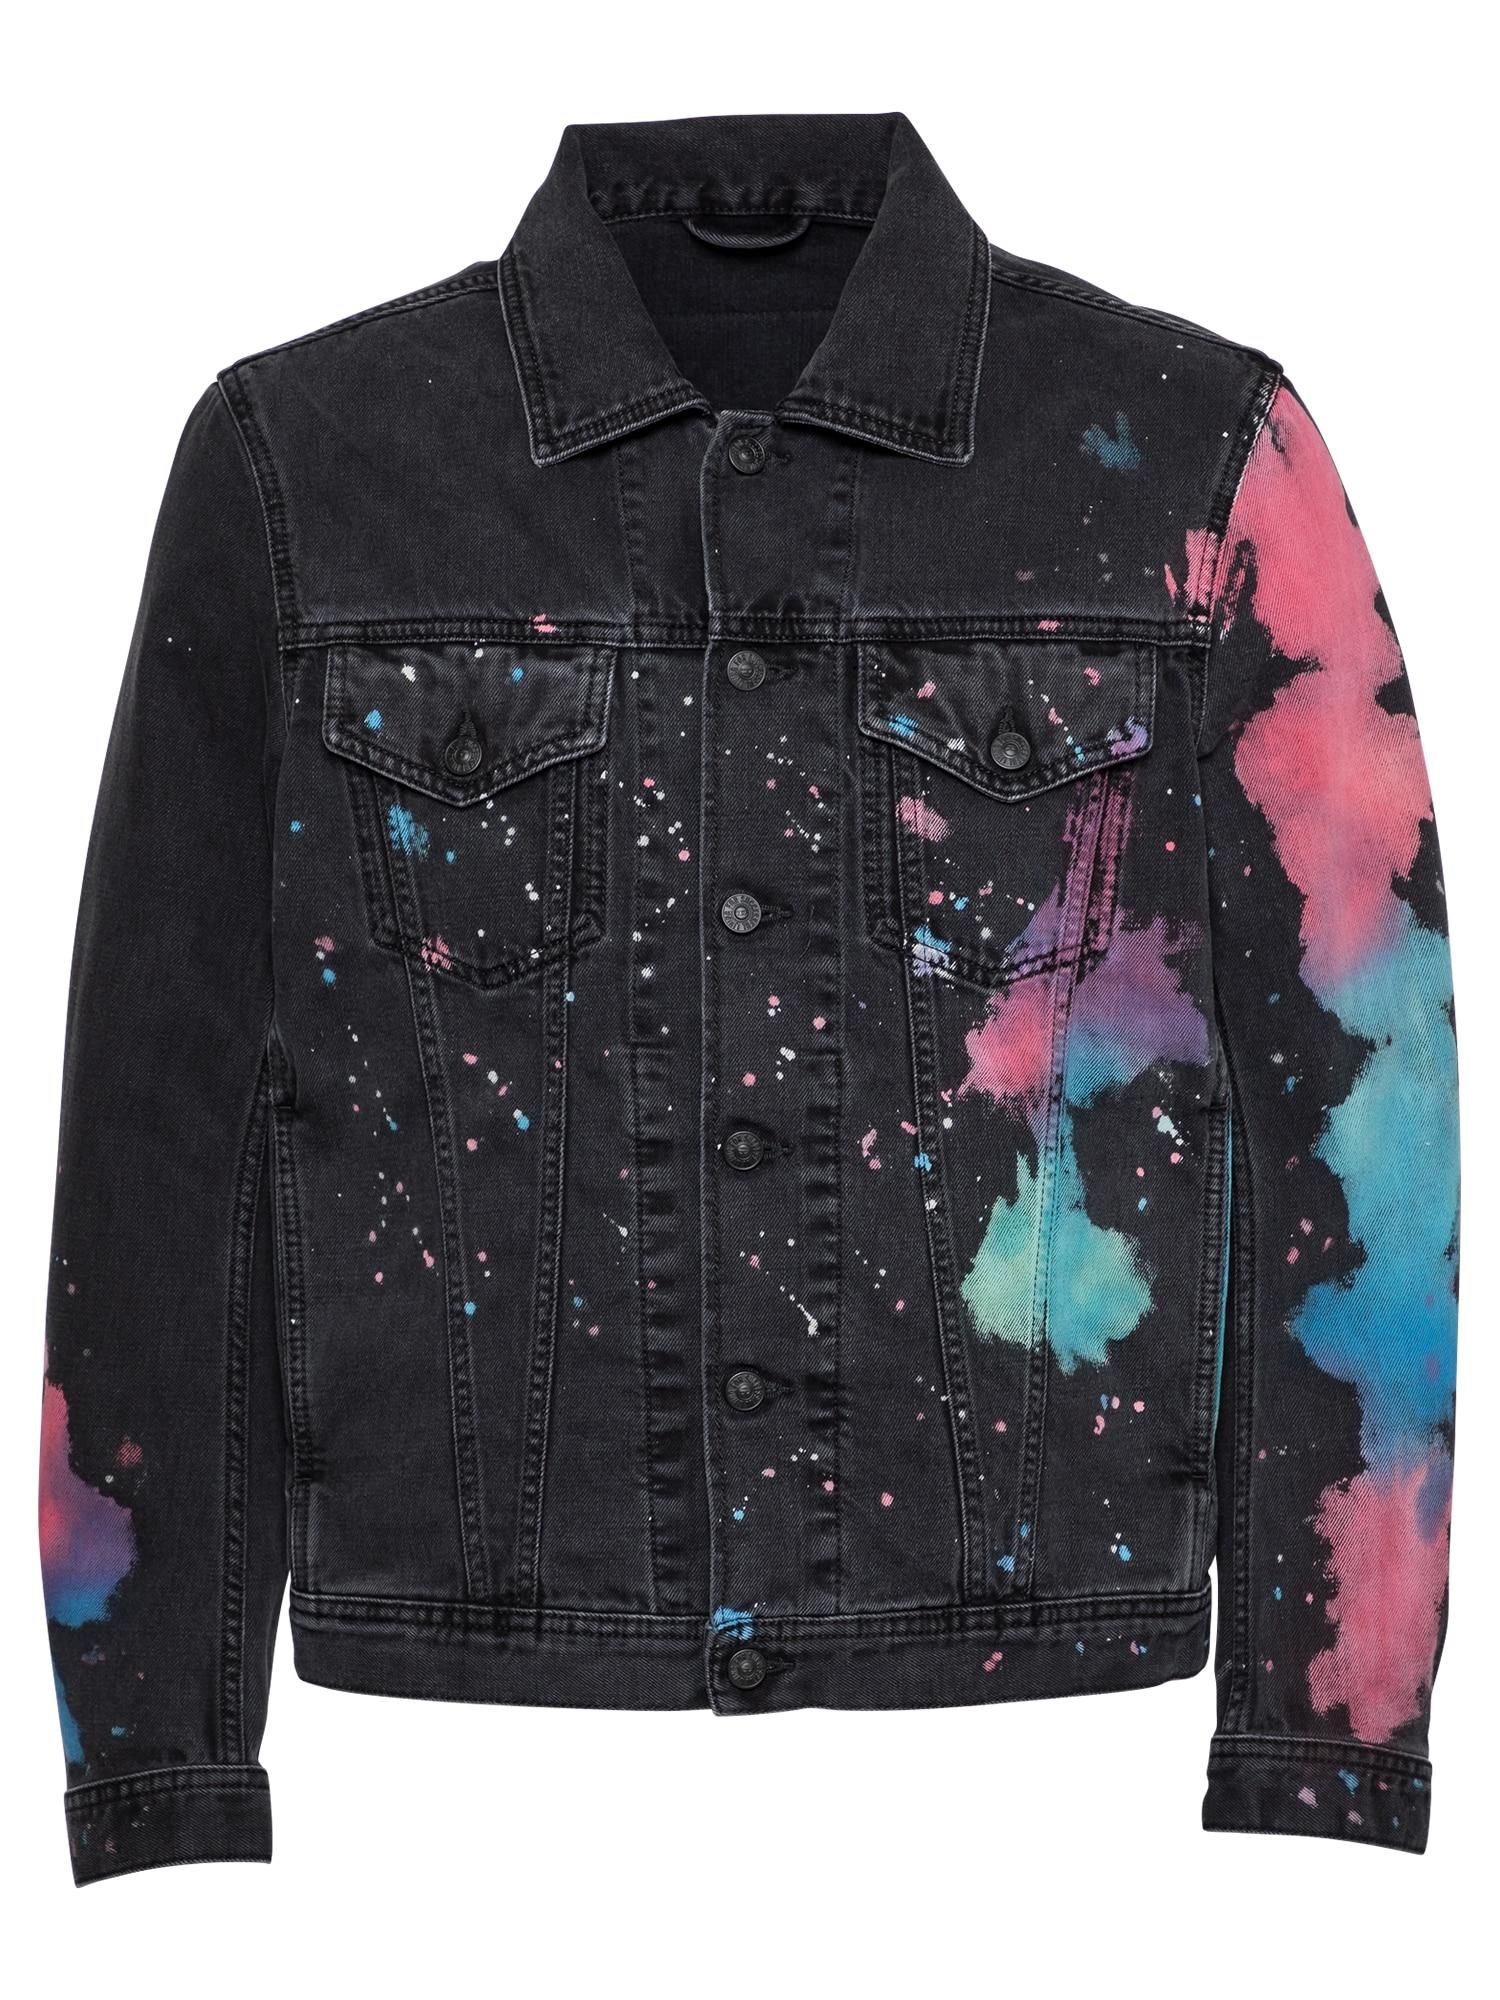 DIESEL Demisezoninė striukė juoda / mišrios spalvos / mėlyna / rožinė